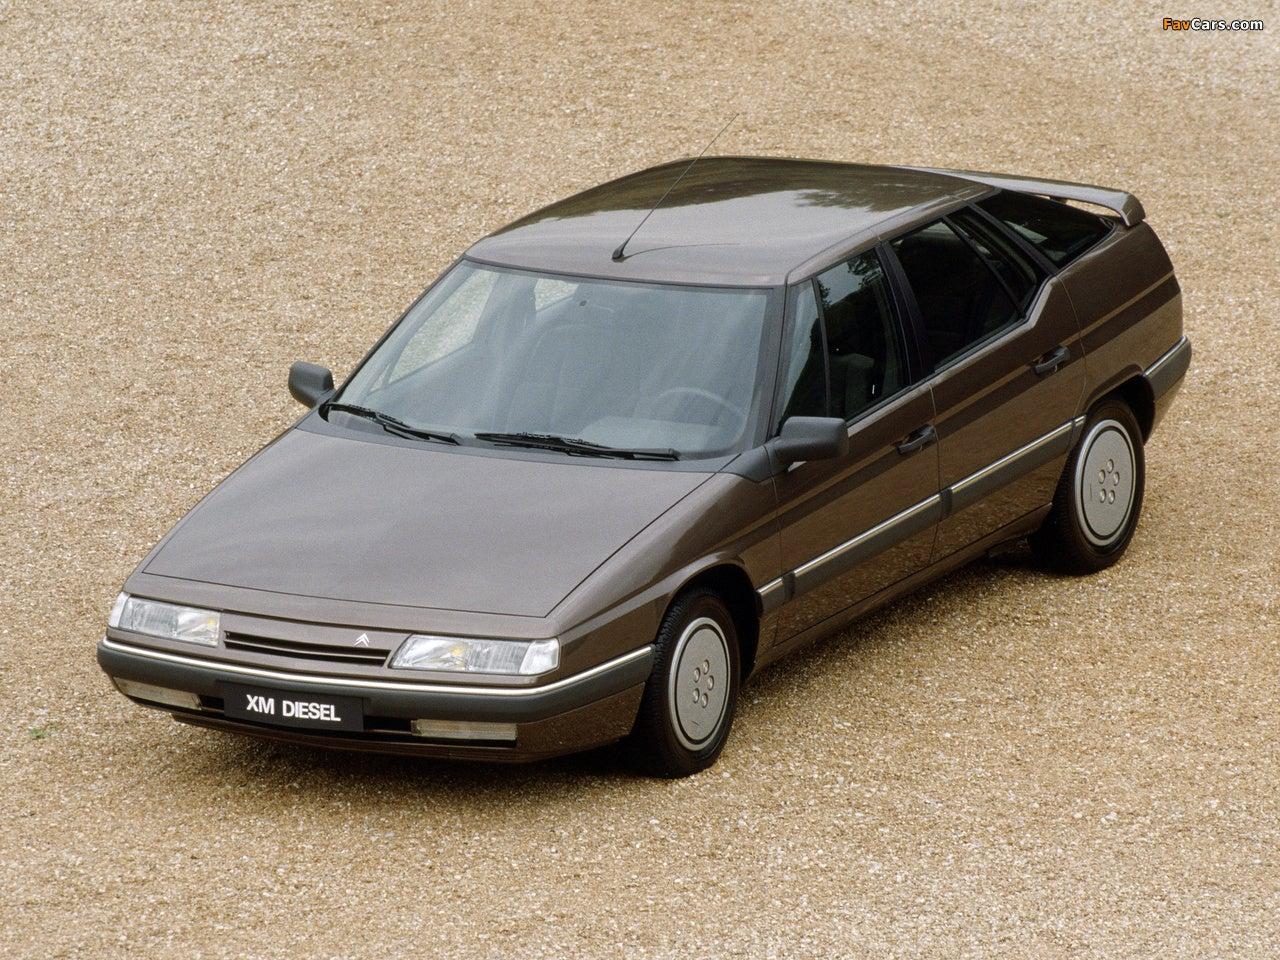 Renault Talisman : vous aimez ? - Page : 3 - Actualité auto - FORUM Auto Journal